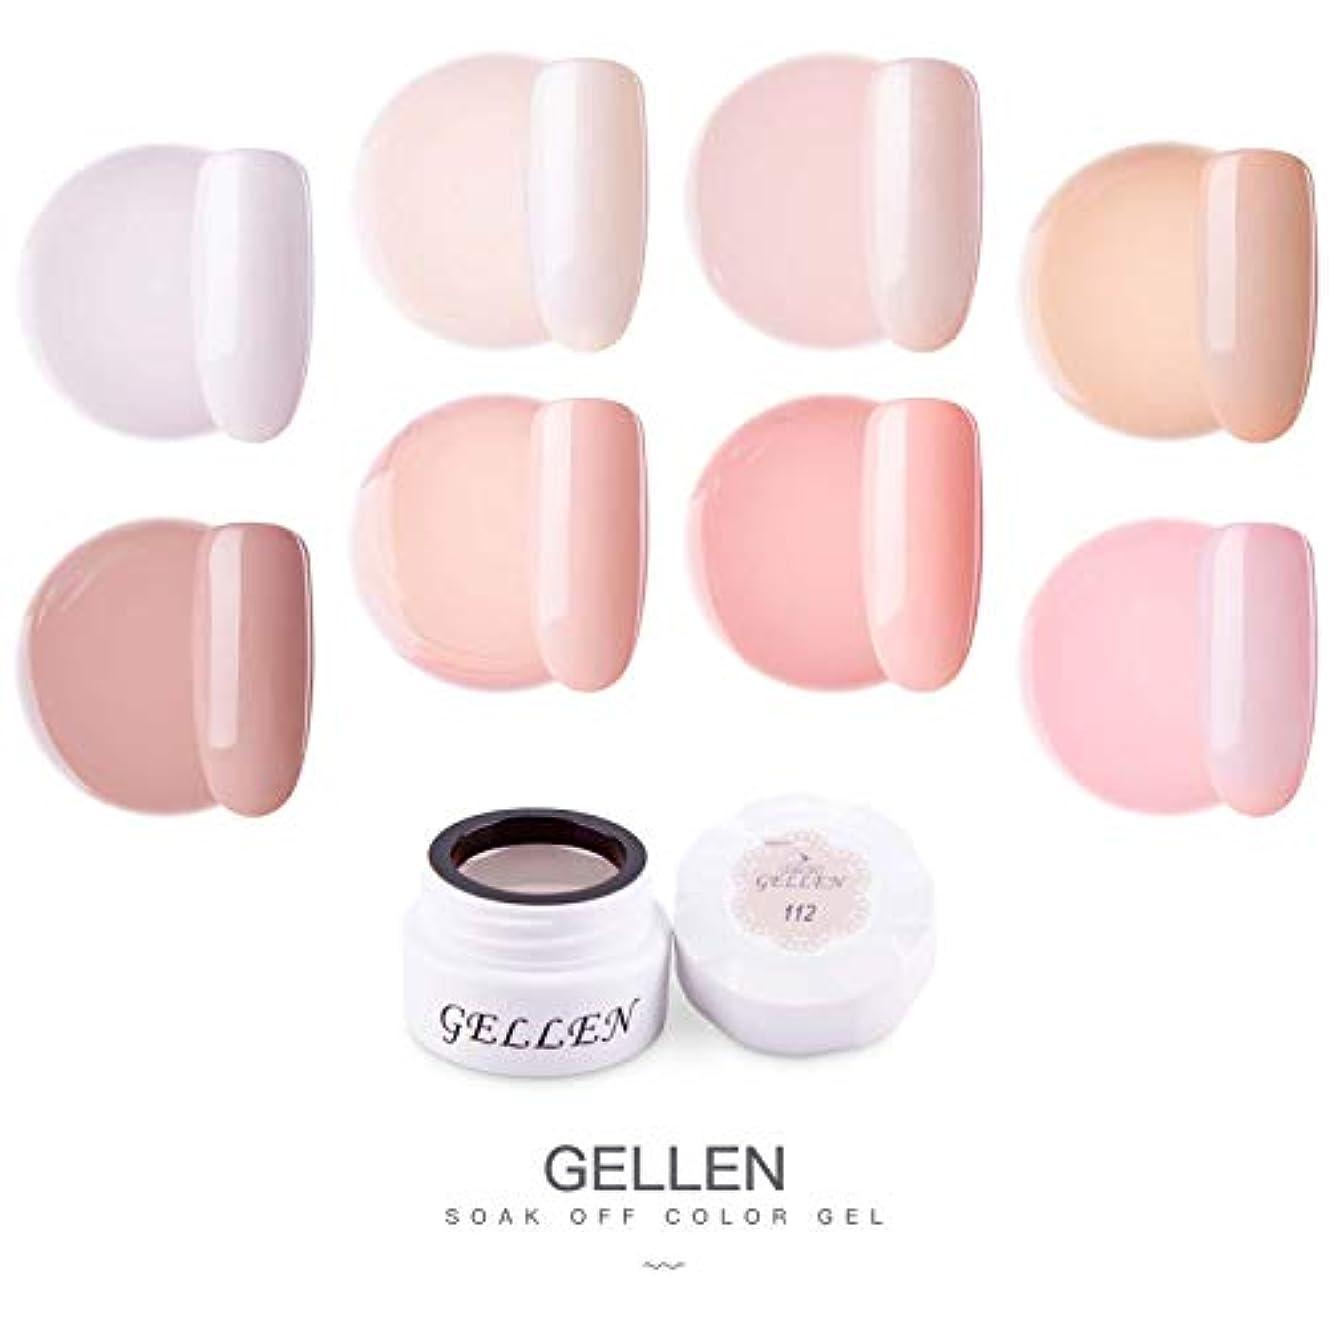 かんたん吸収剤視線Gellen カラージェル 8色 セット[ヌードピンク系]高品質 5g ジェルネイル カラー ネイルブラシ付き